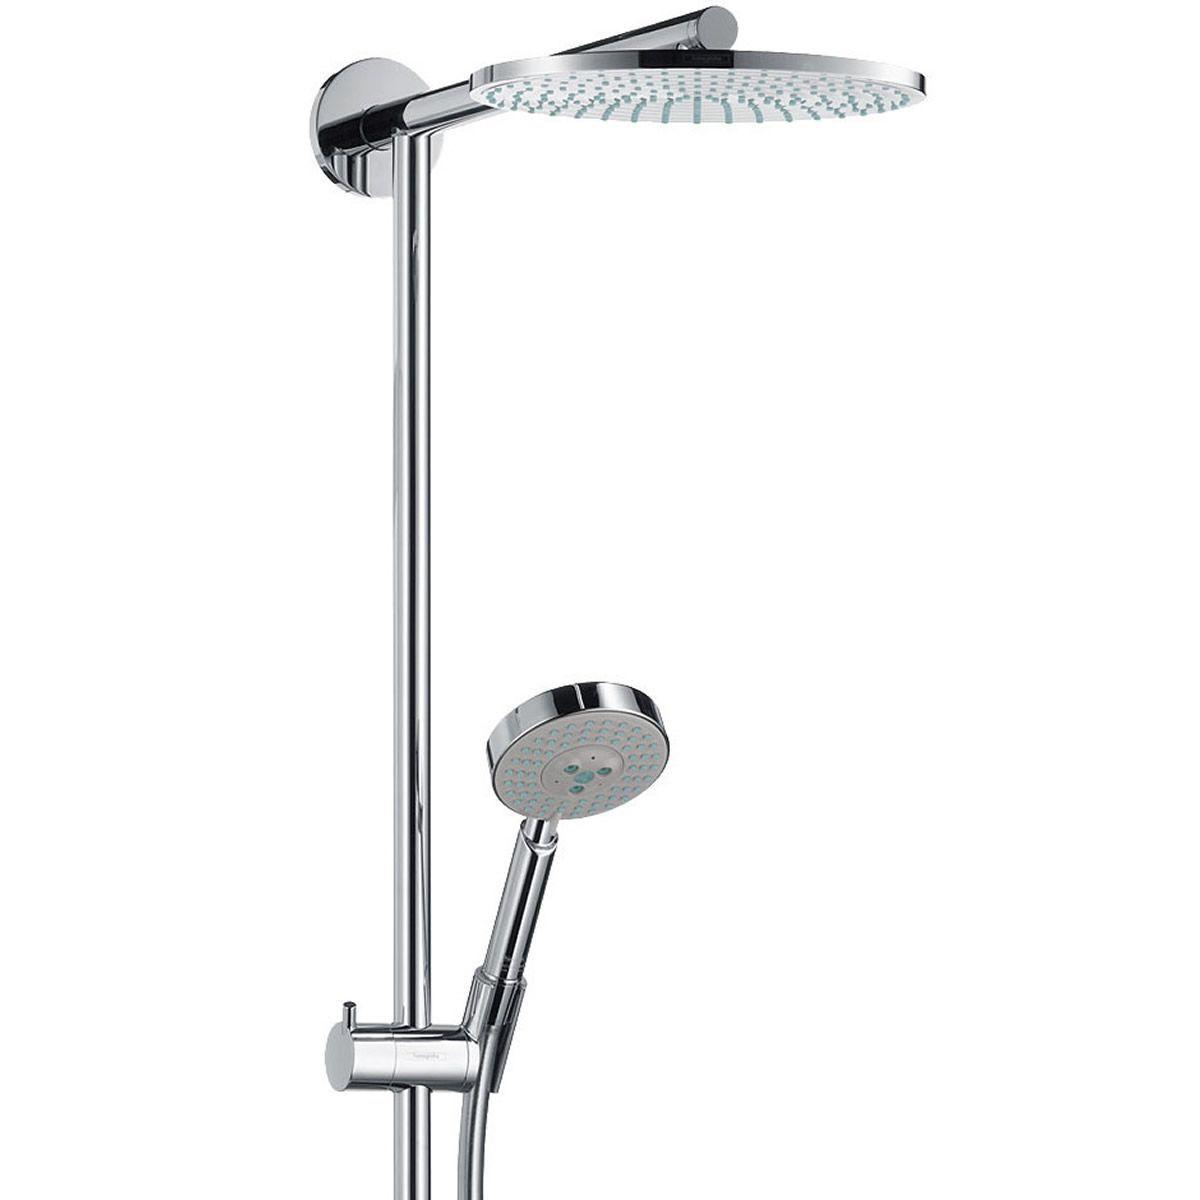 Hansgrohe raindance shower pipe set uk bathrooms - Hansgrohe raindance shower set ...